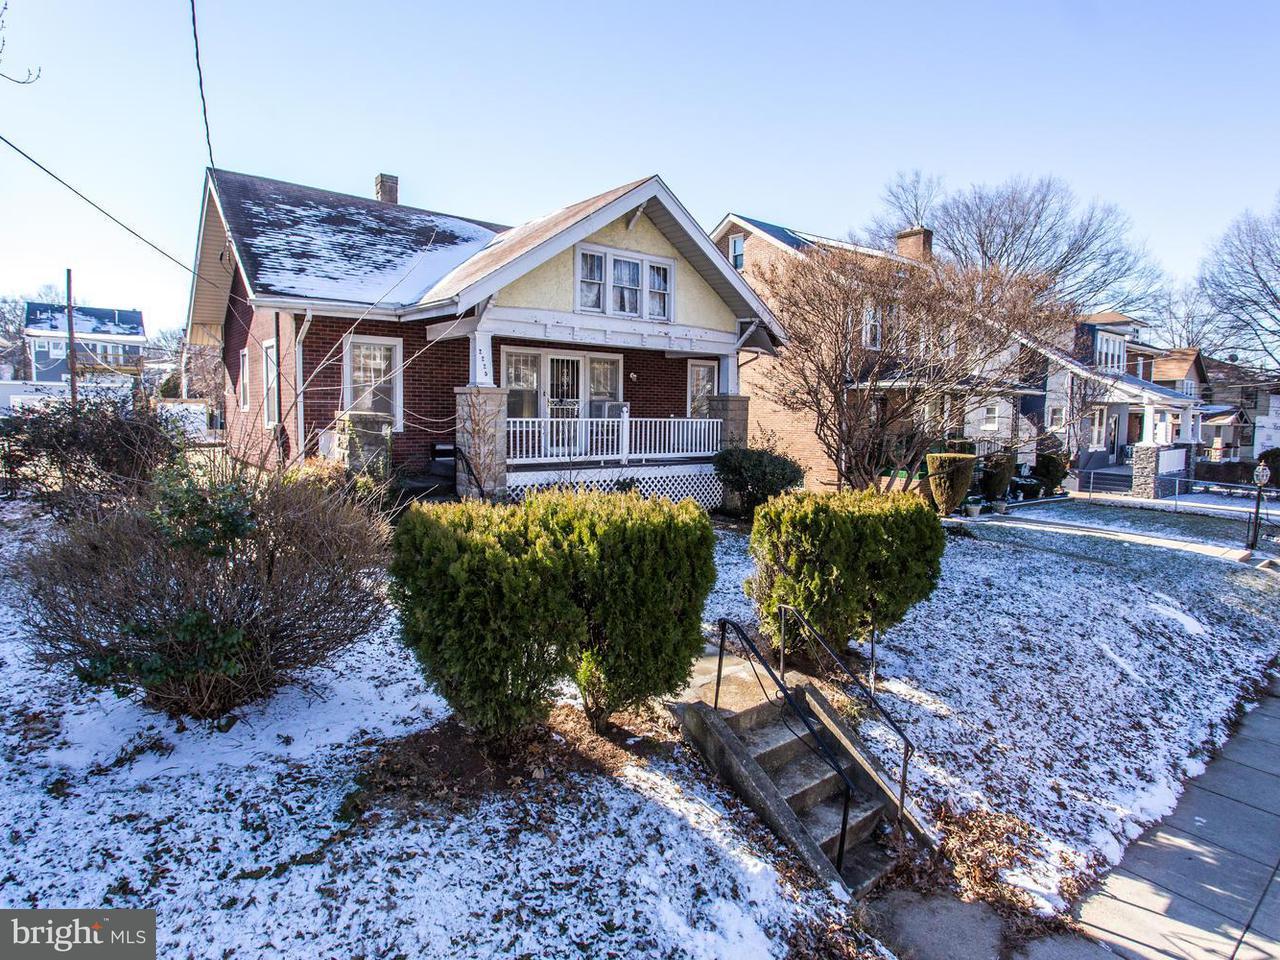 獨棟家庭住宅 為 出售 在 2225 Newton St Ne 2225 Newton St Ne Washington, 哥倫比亞特區 20018 美國